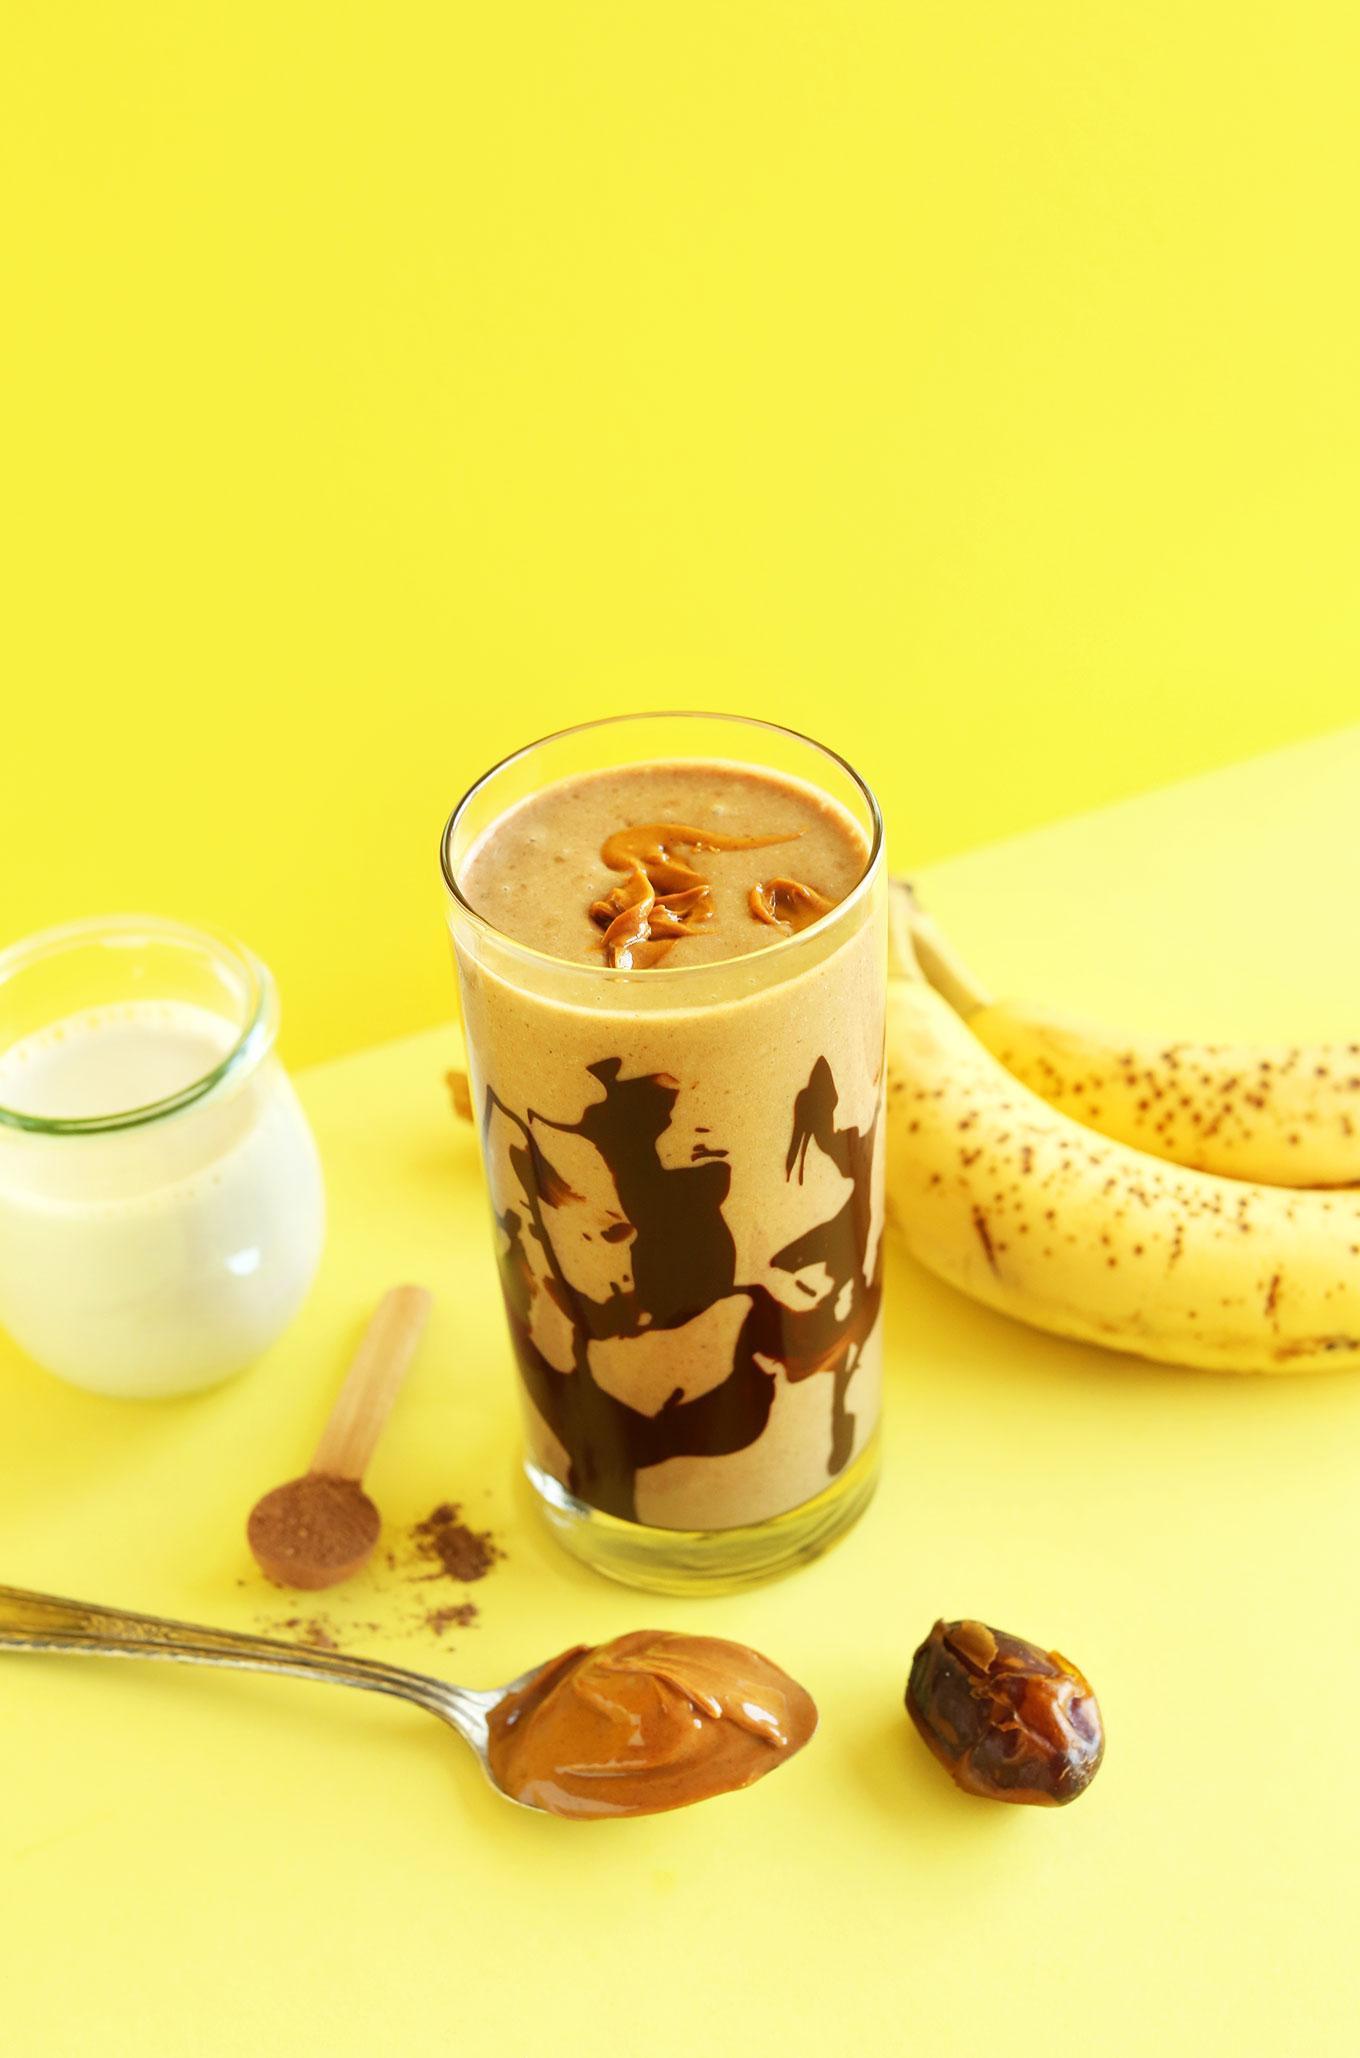 Шоколадный коктейль с арахисовым маслом и бананом 4